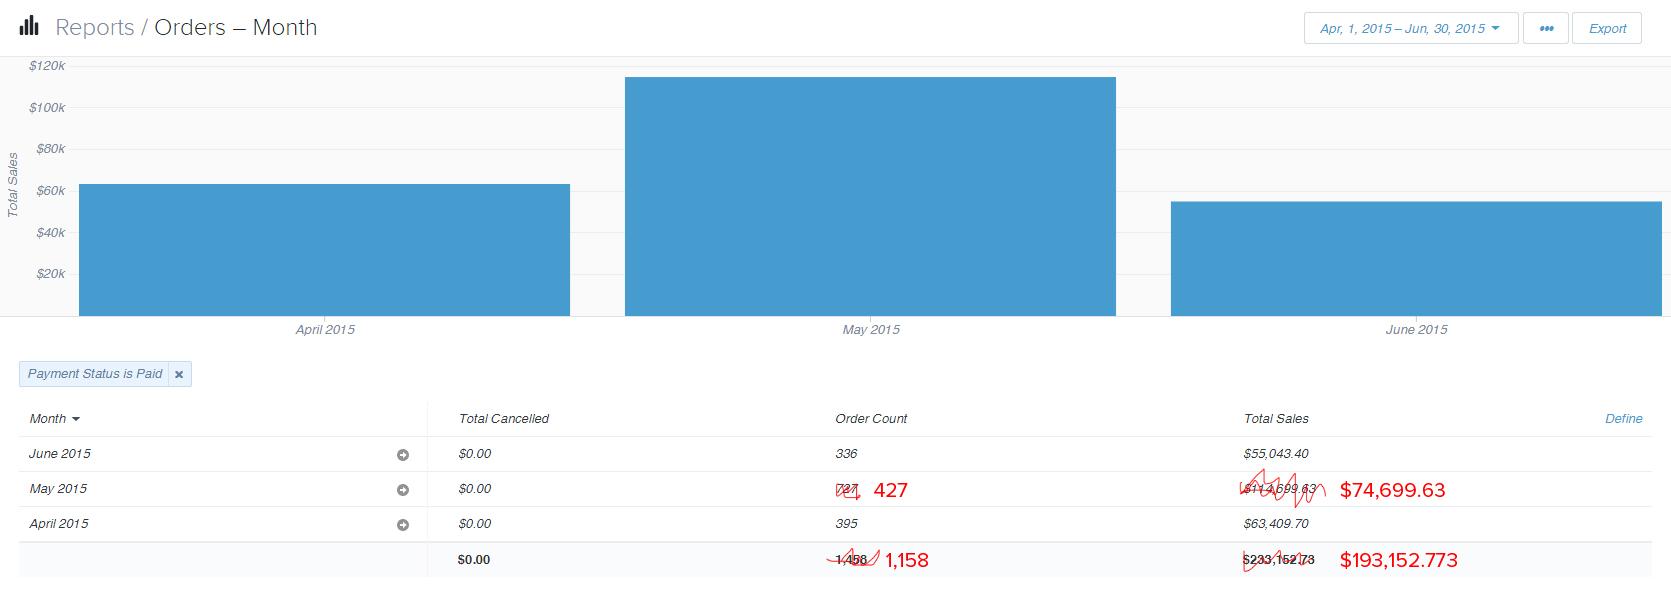 3-months-revenue-adjusted